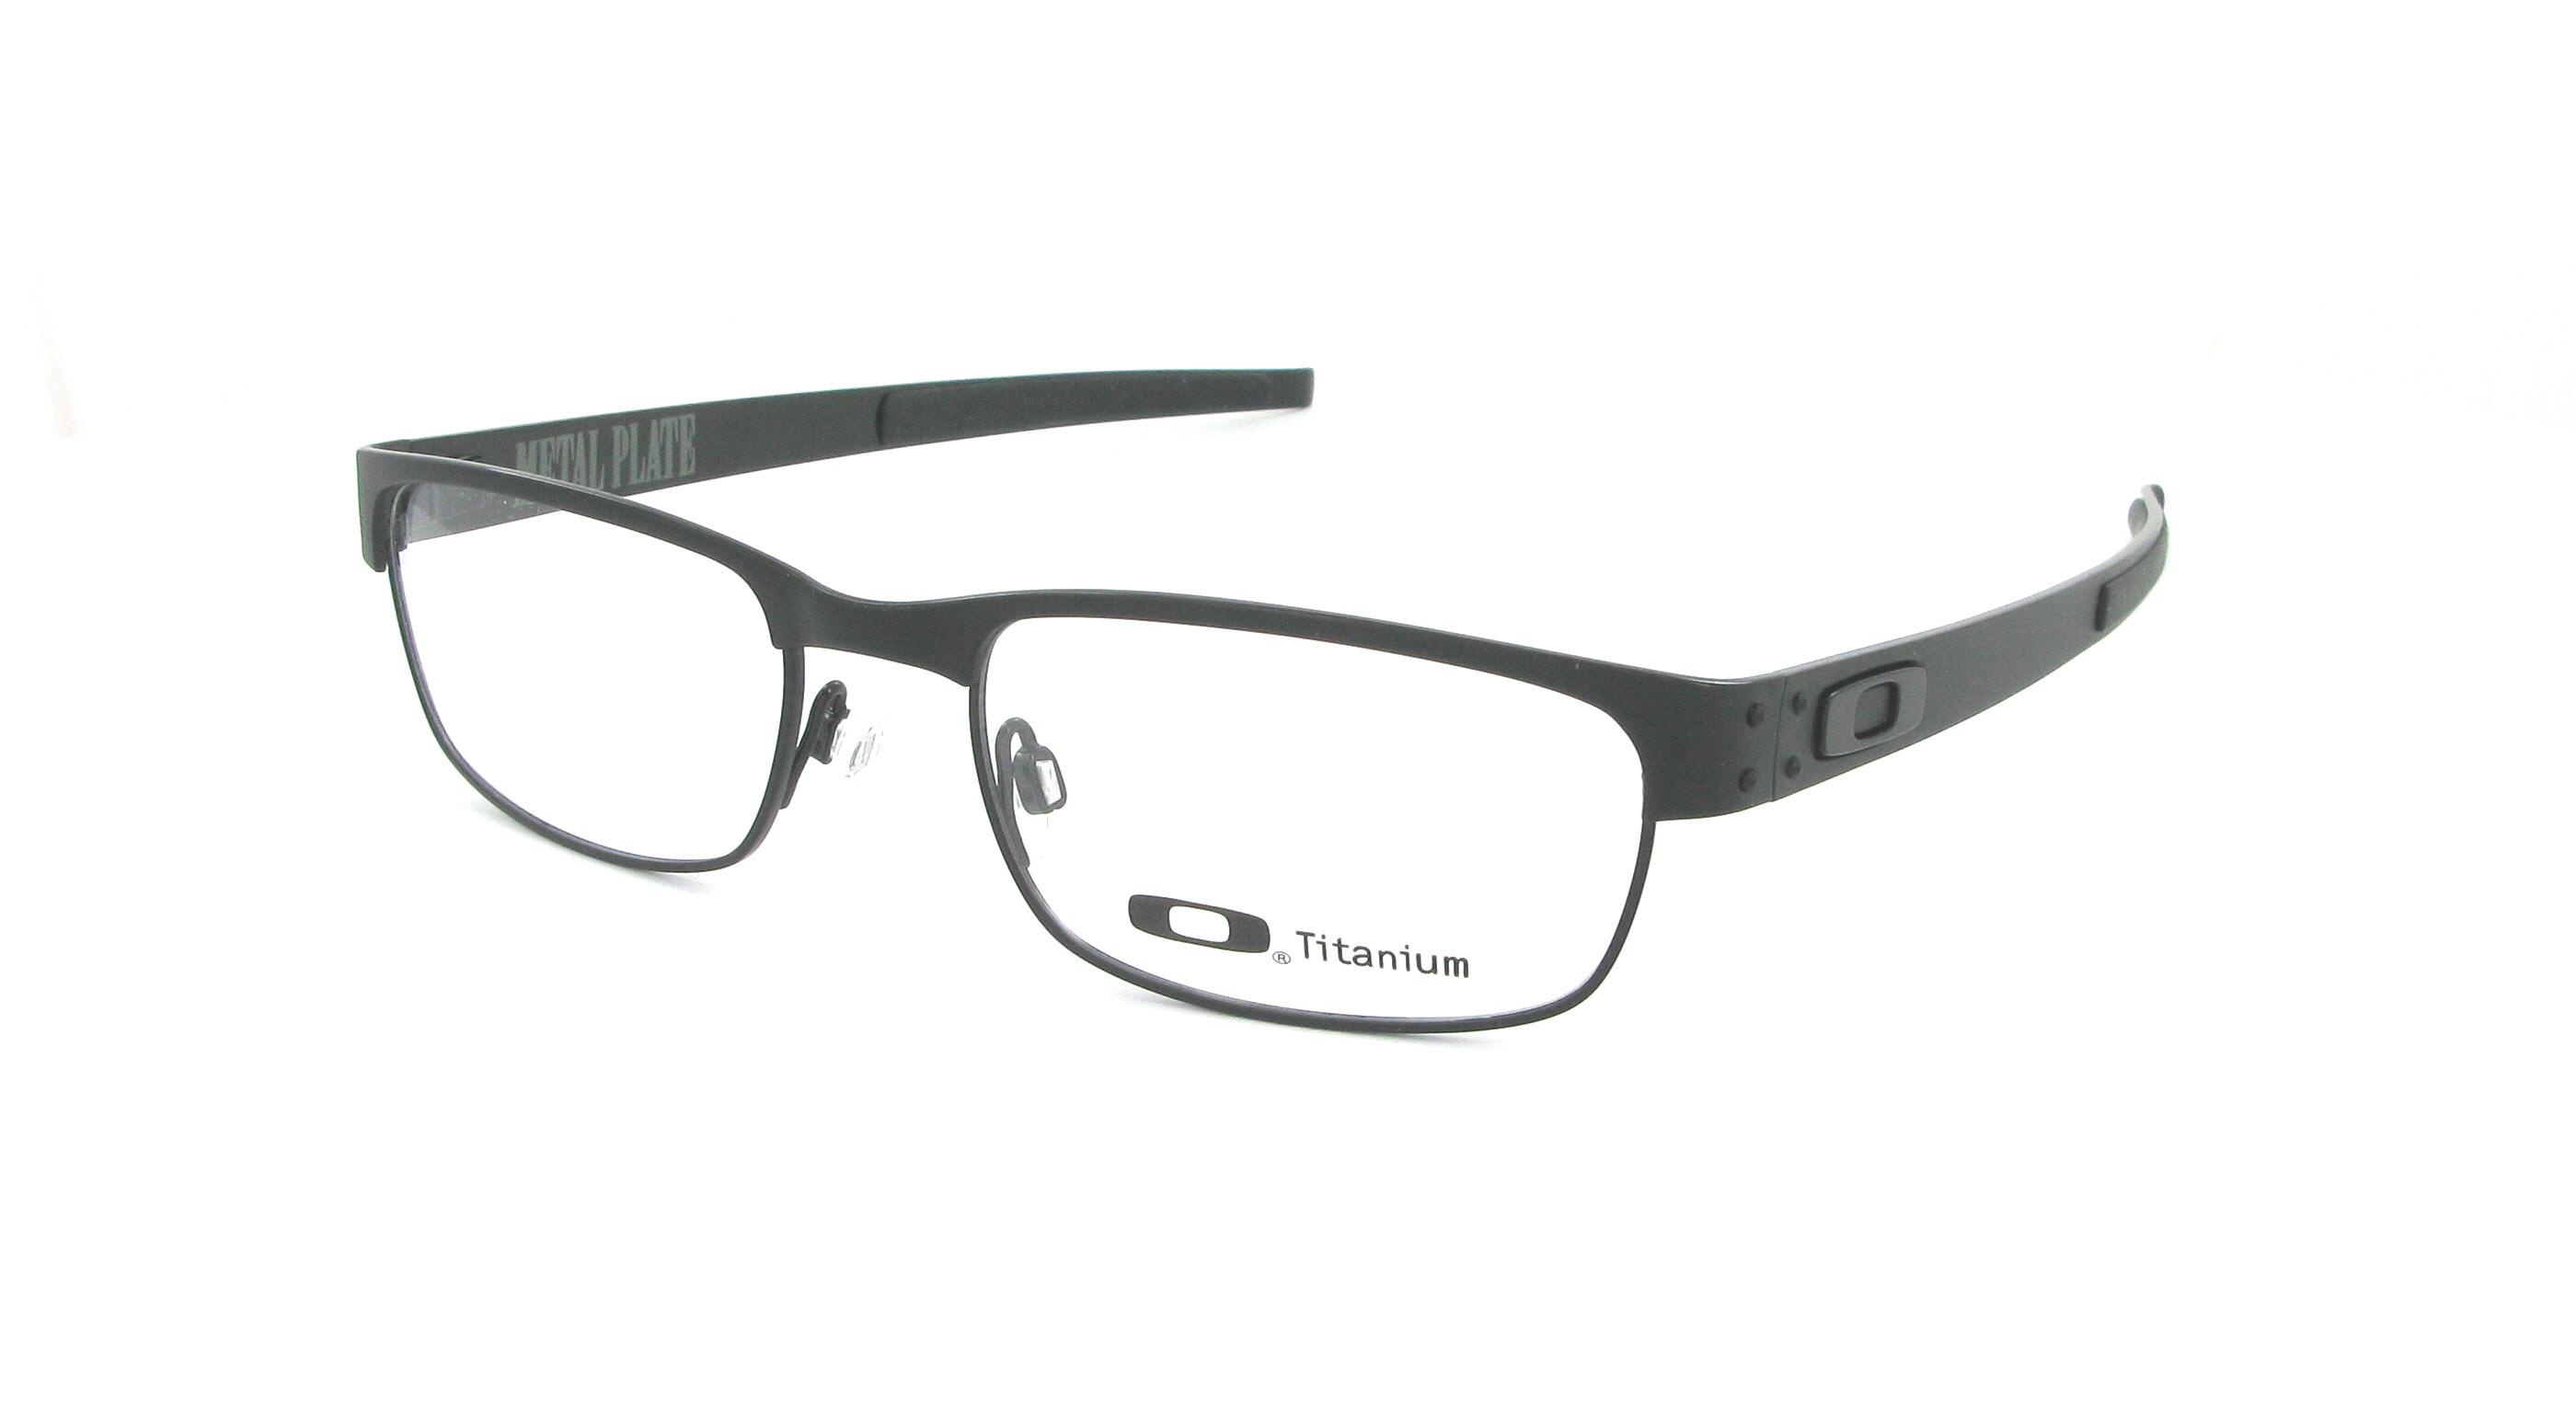 Lunette de vue : la mode et la lunette de vue